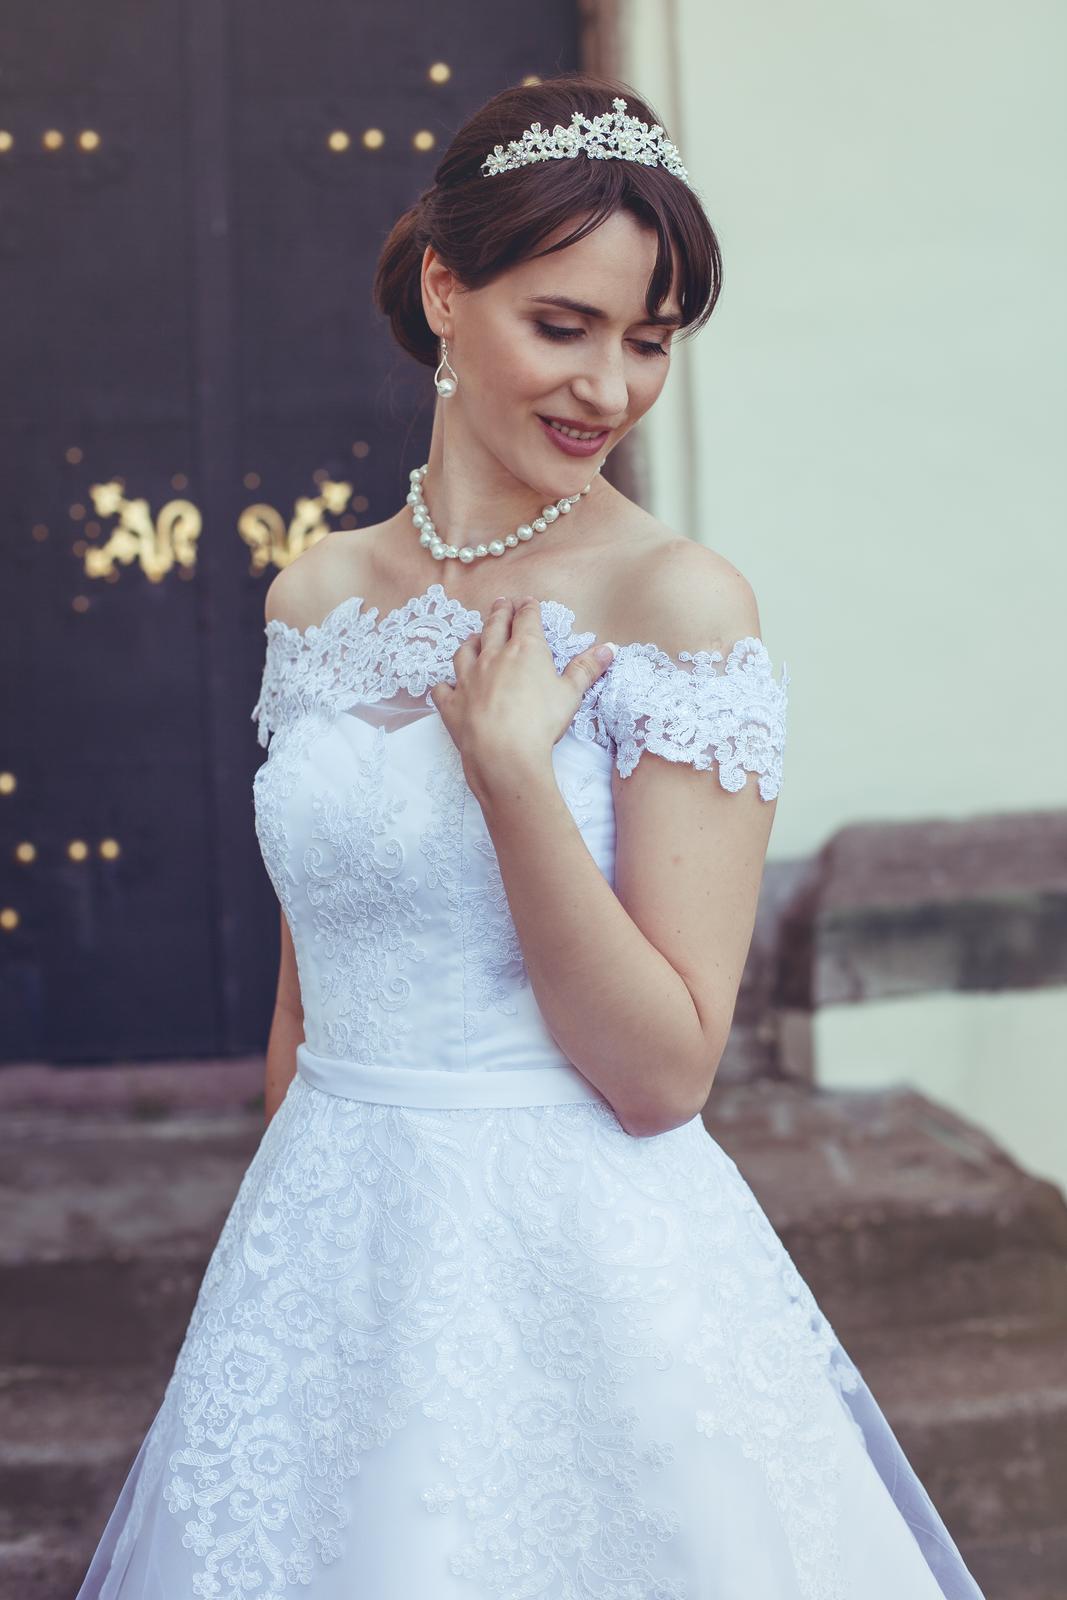 princeznovské svadobné šaty 36-38  - Obrázok č. 1